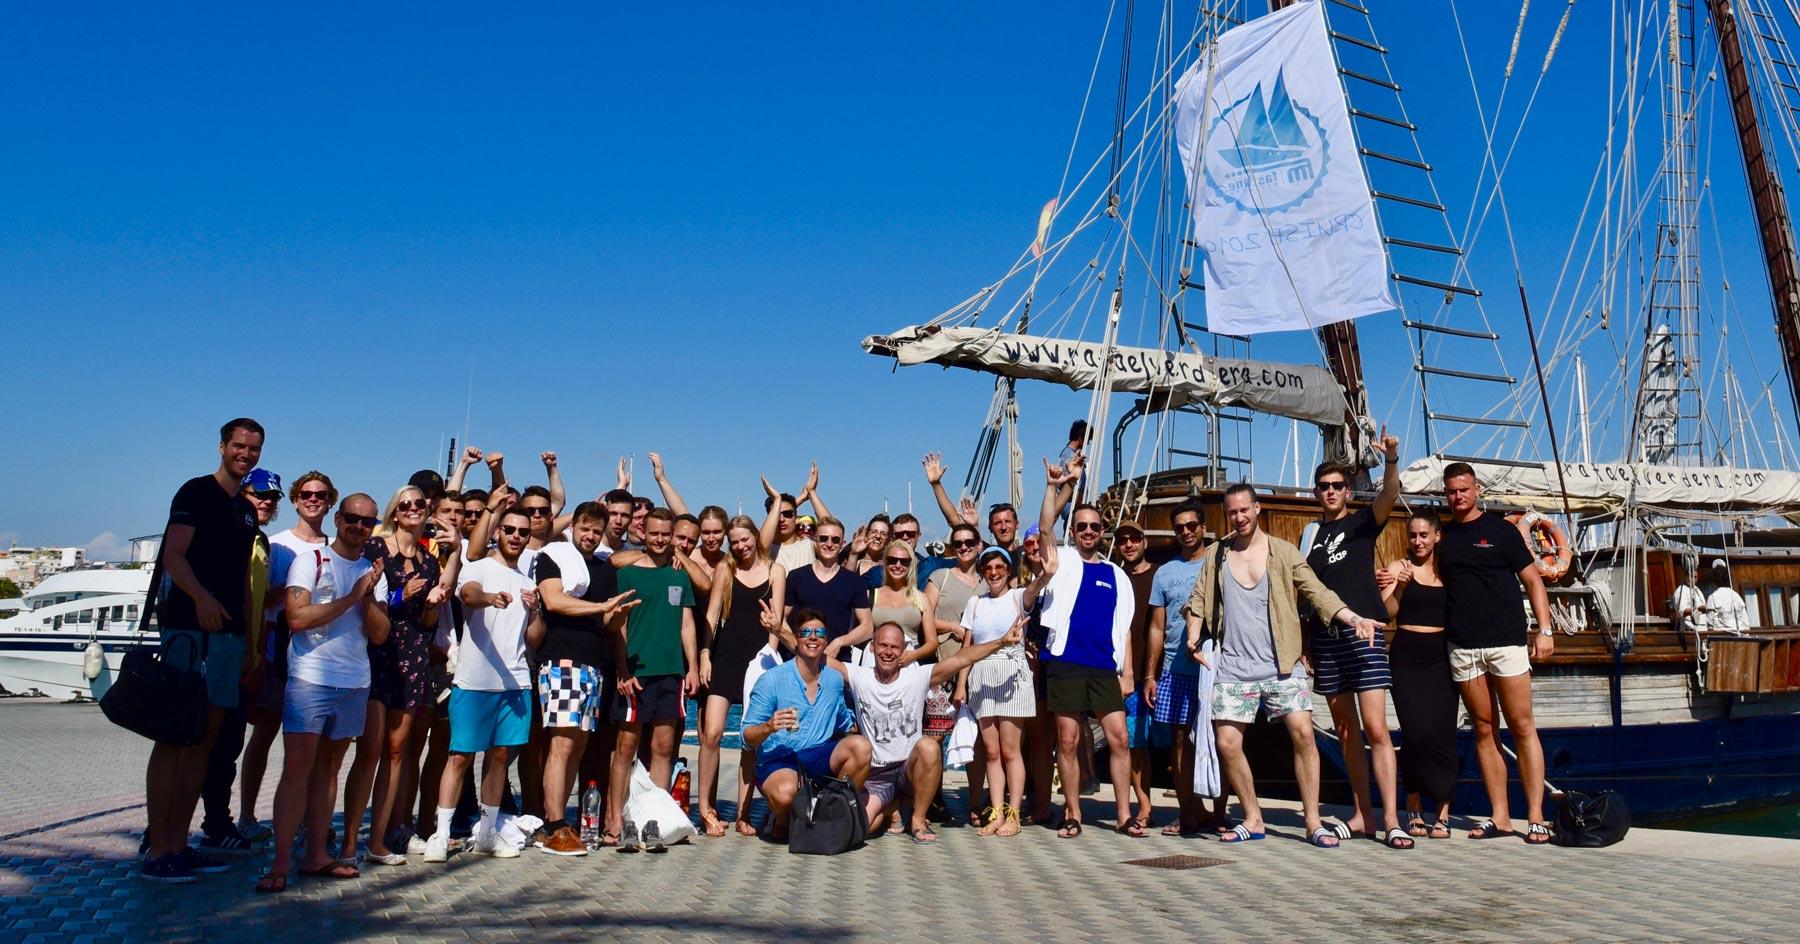 Ein Teamfoto der Fastlane Marketing GmbH, das auf einer Team-Reise auf Mallorca 2019 aufgenommen wurde.